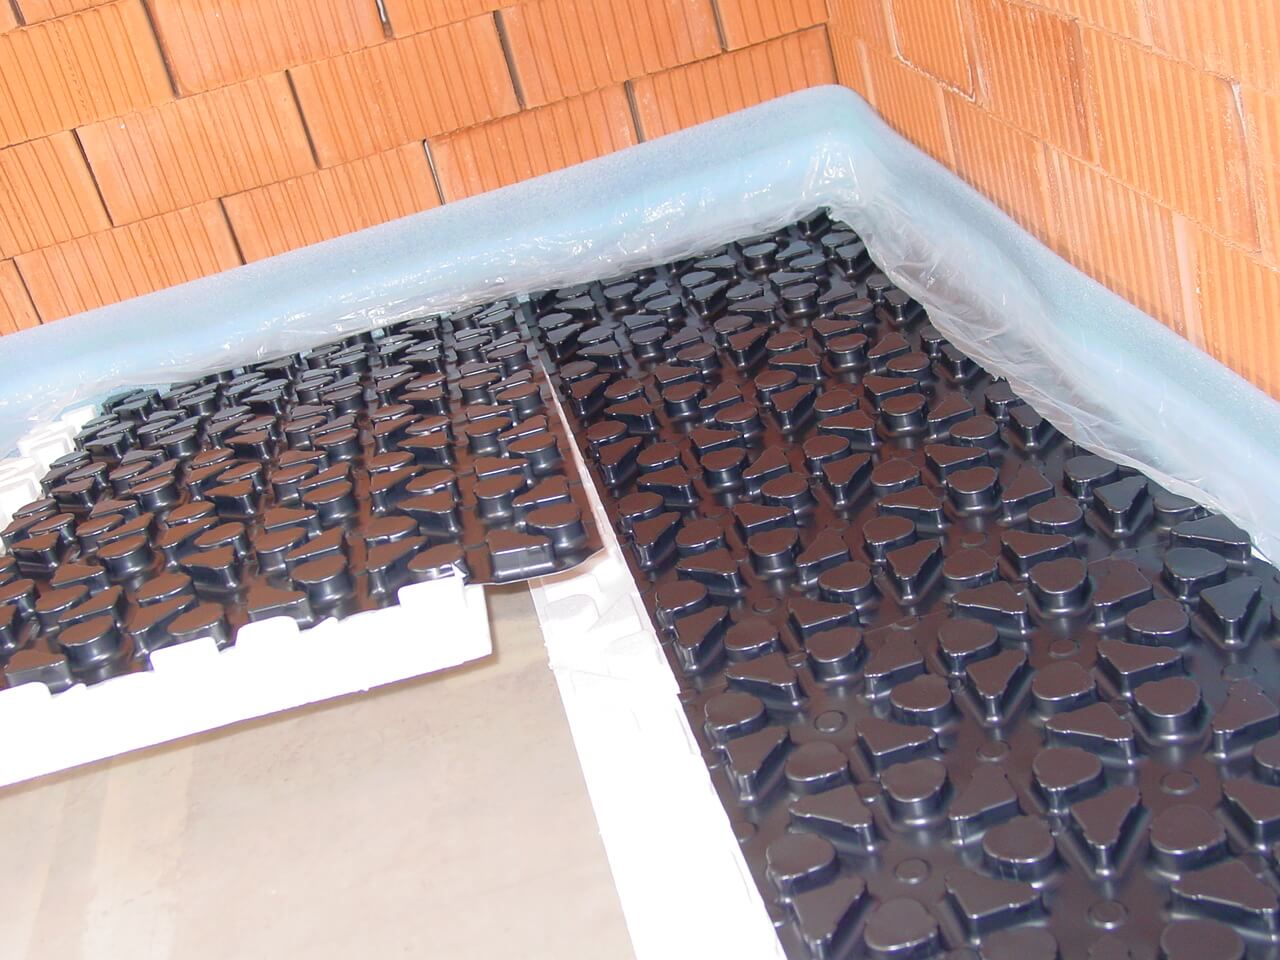 Fußboden Im Wintergarten ~ Fußbodenheizung im wintergarten u2013 warme füße zu jeder jahreszeit